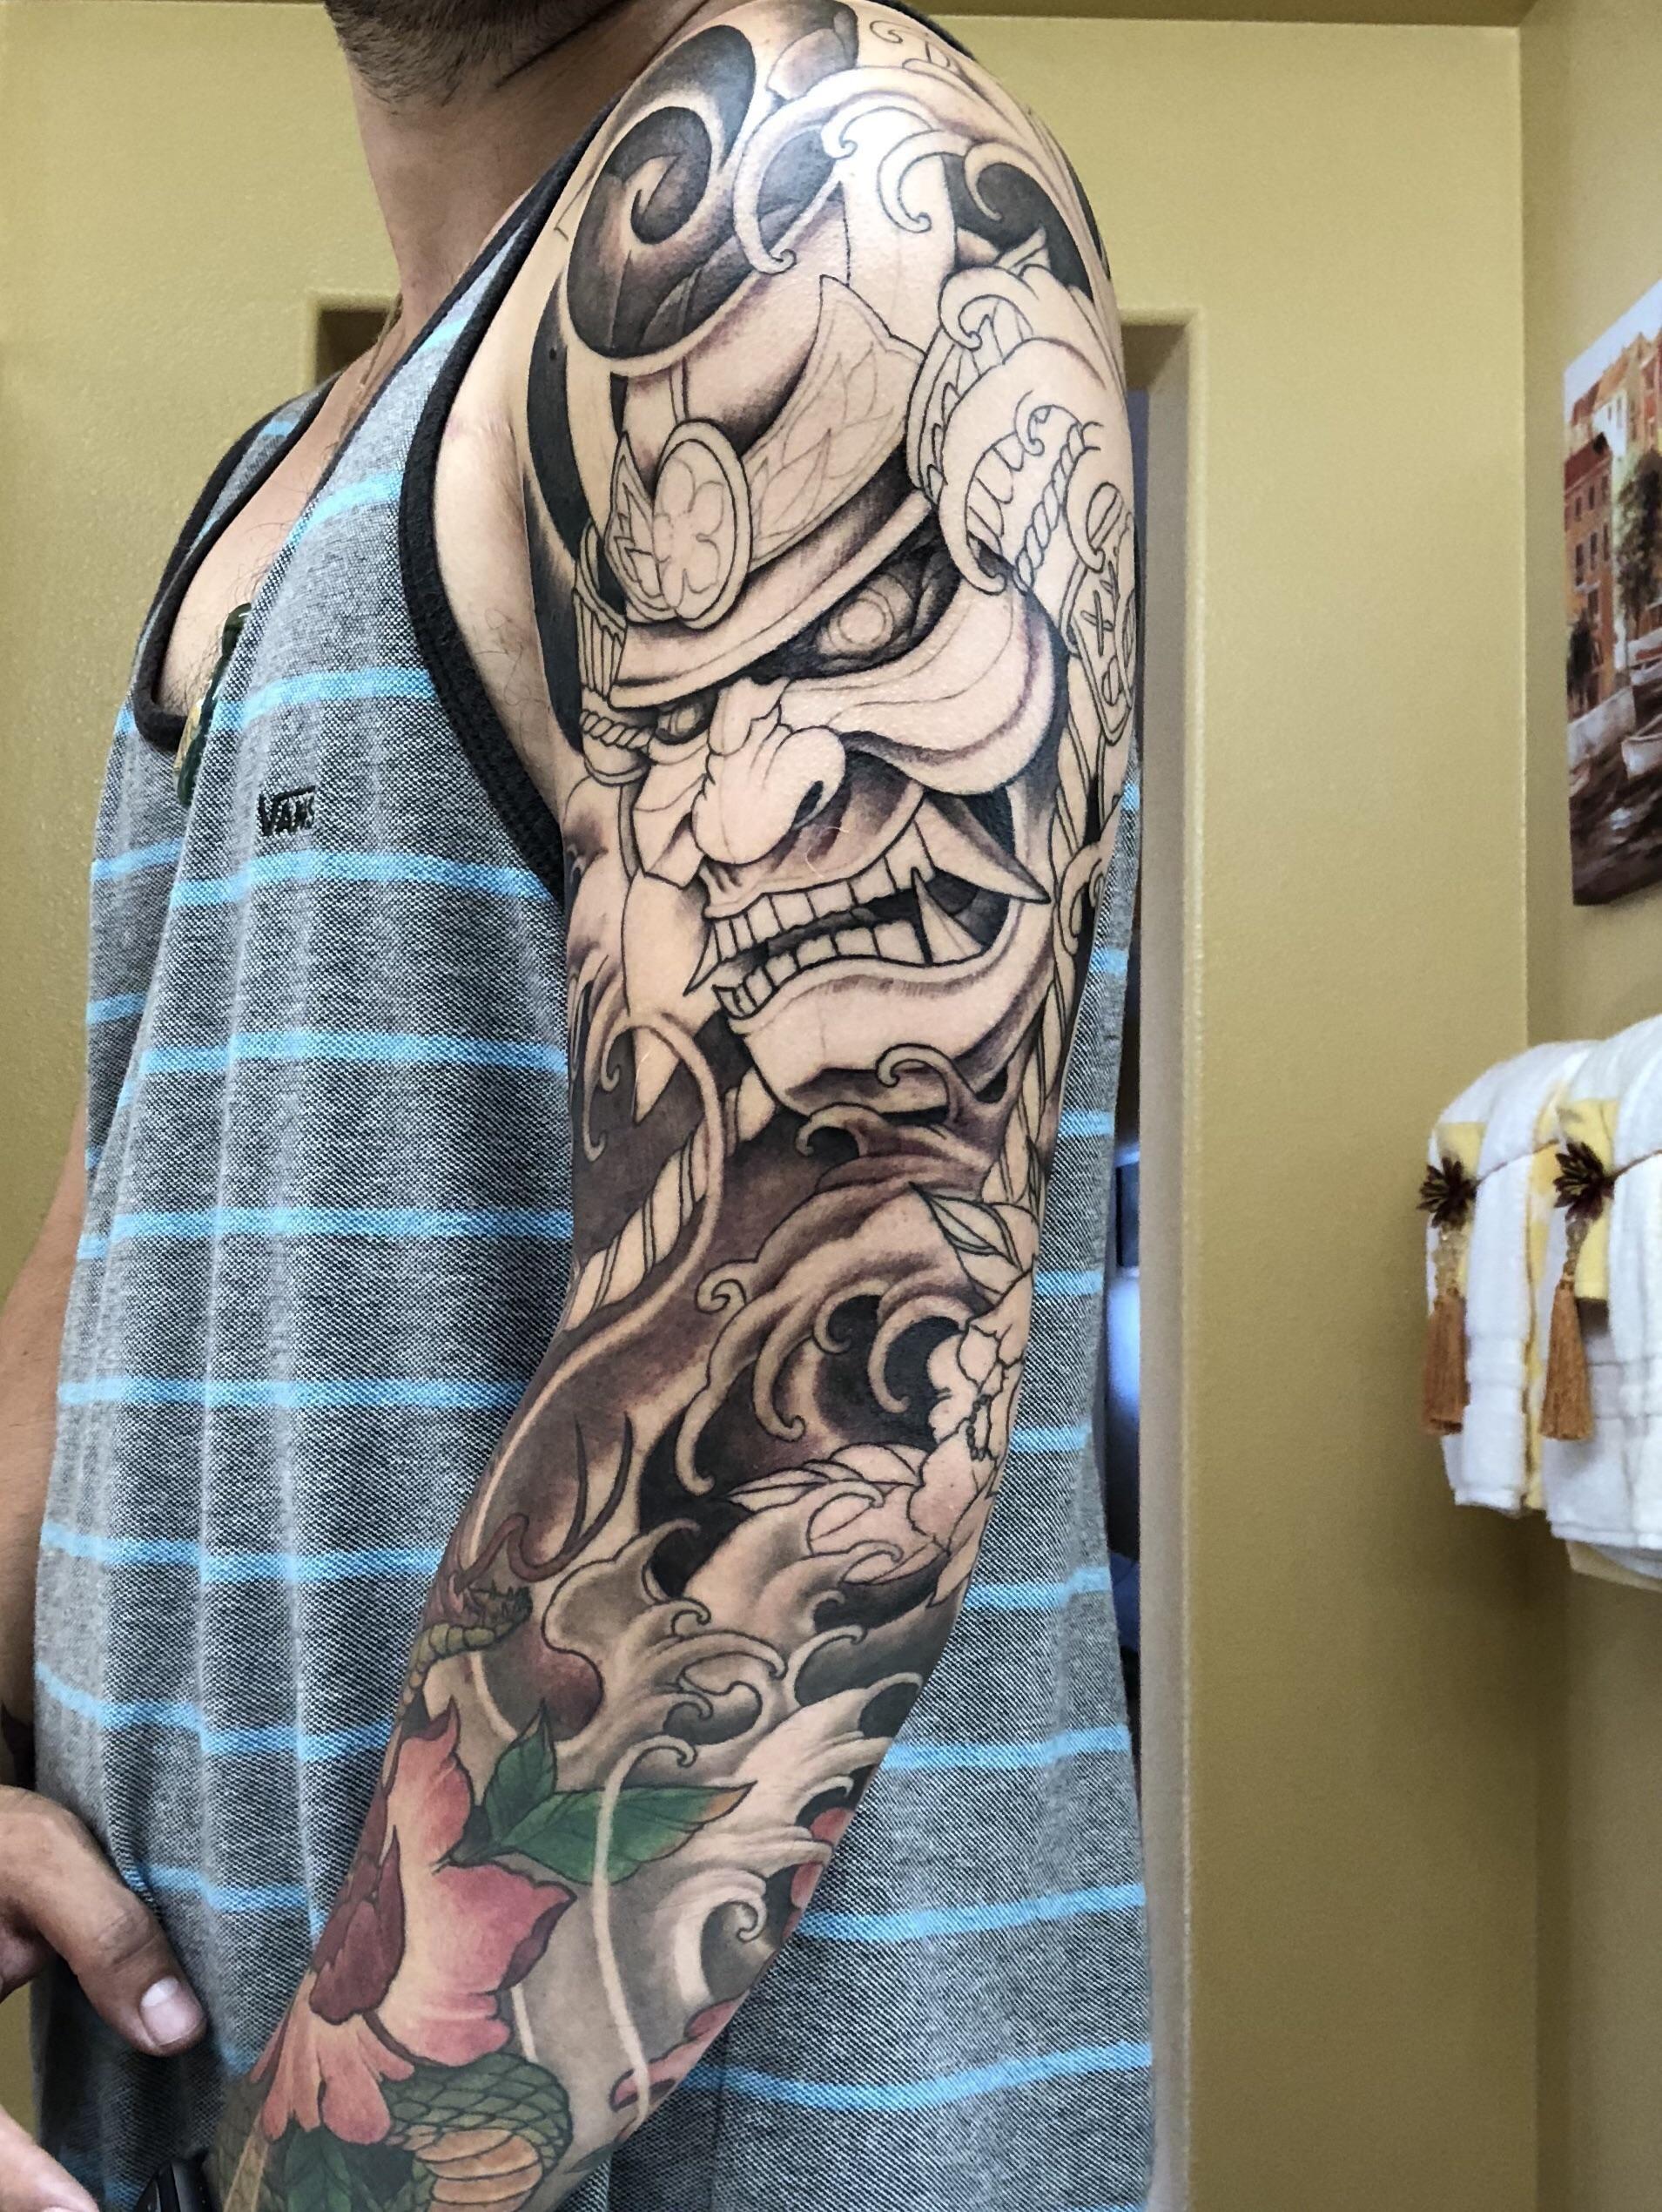 Kabuto and Snake Sleeve Progress - Anvil Tattoo Company Rosemead, CA - Alexander Trang